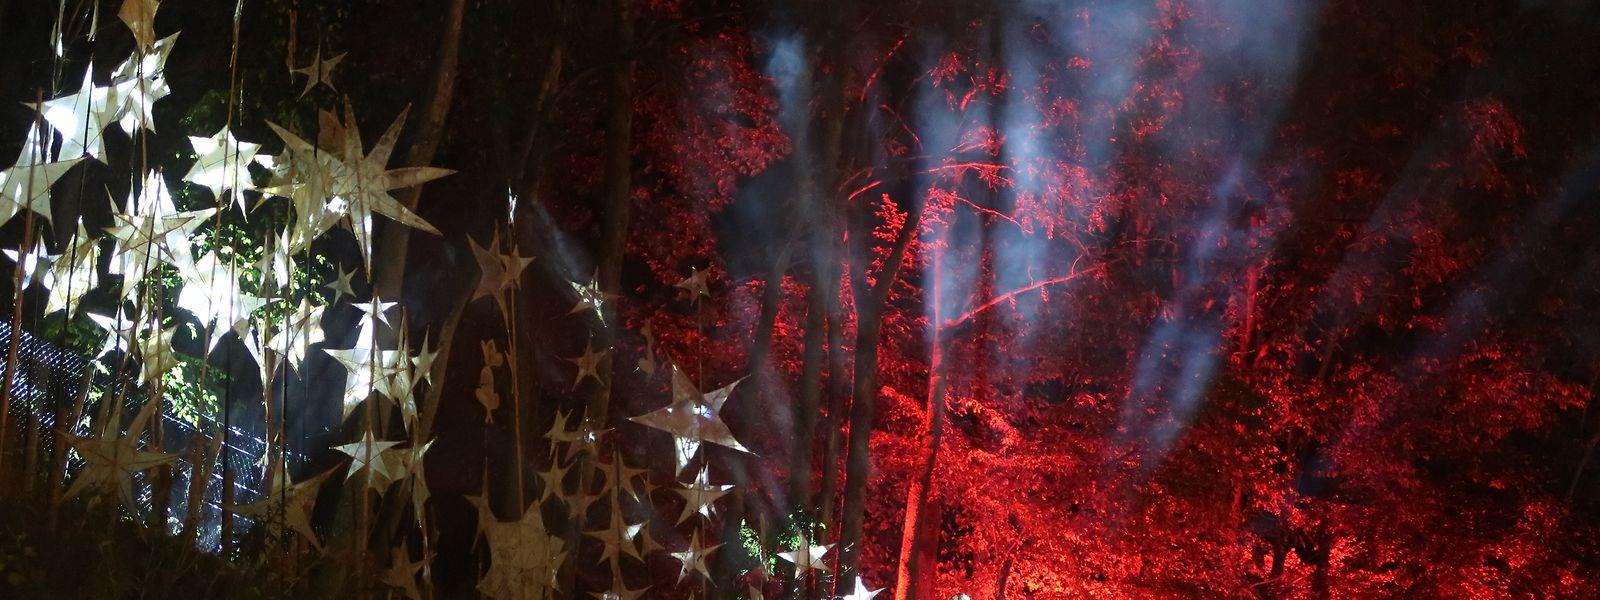 Nach Einbruch der Dunkelheit bot sich dem Besucher vor allem im Jardin de Wiltz ein sehr beeindruckendes Lichtspektakel.